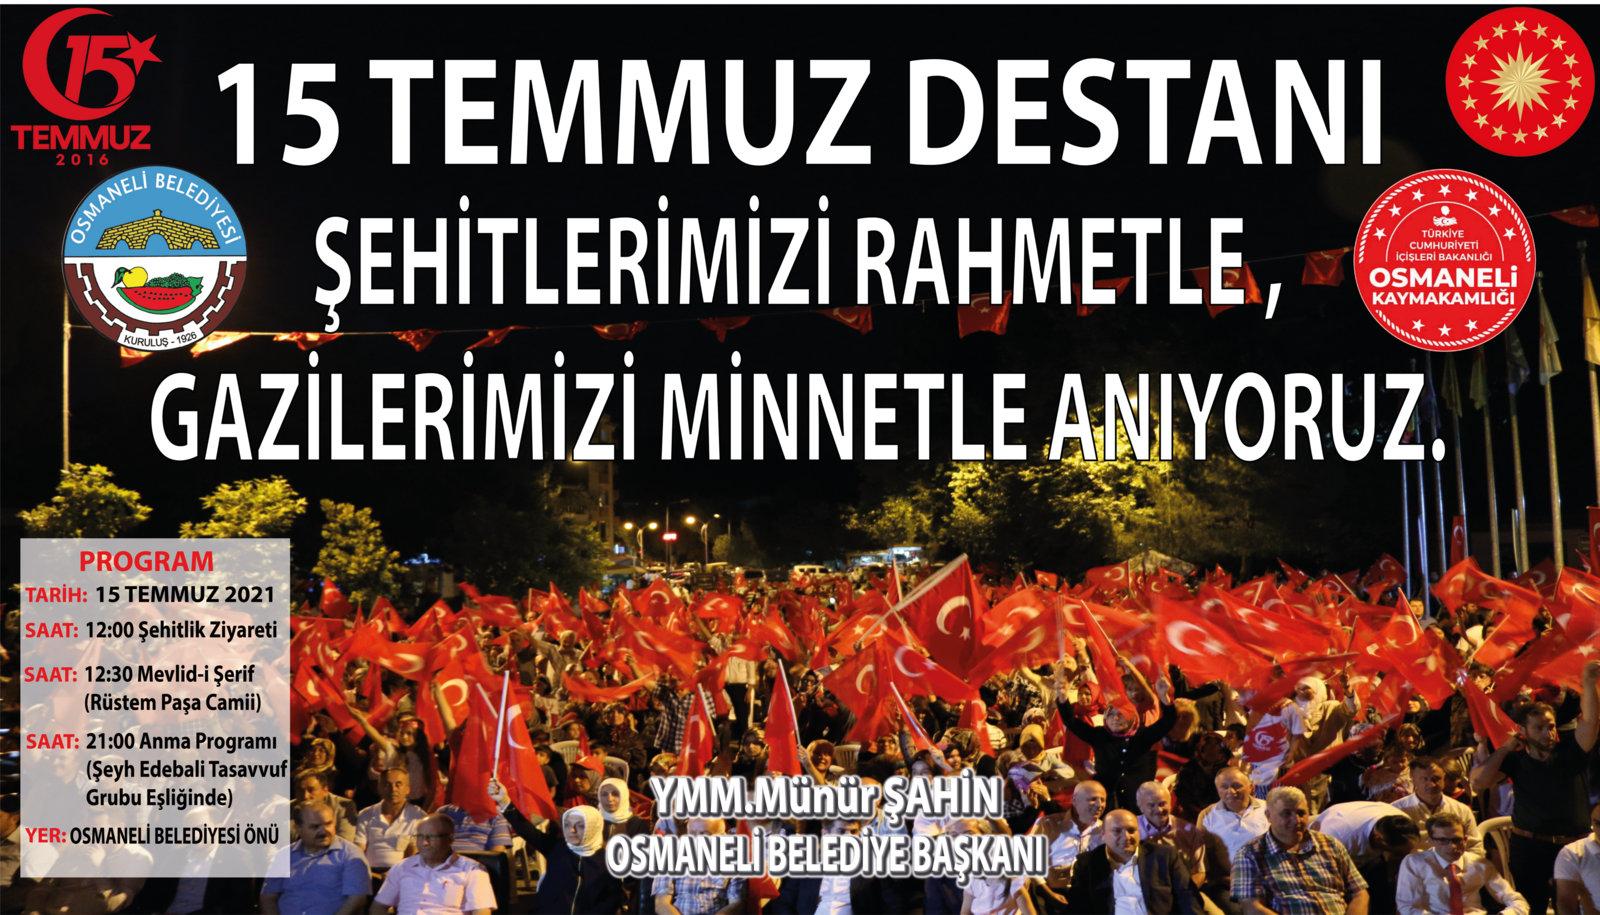 Osmaneli Belediyesi - 15 Temmuz Tebriği İlanı